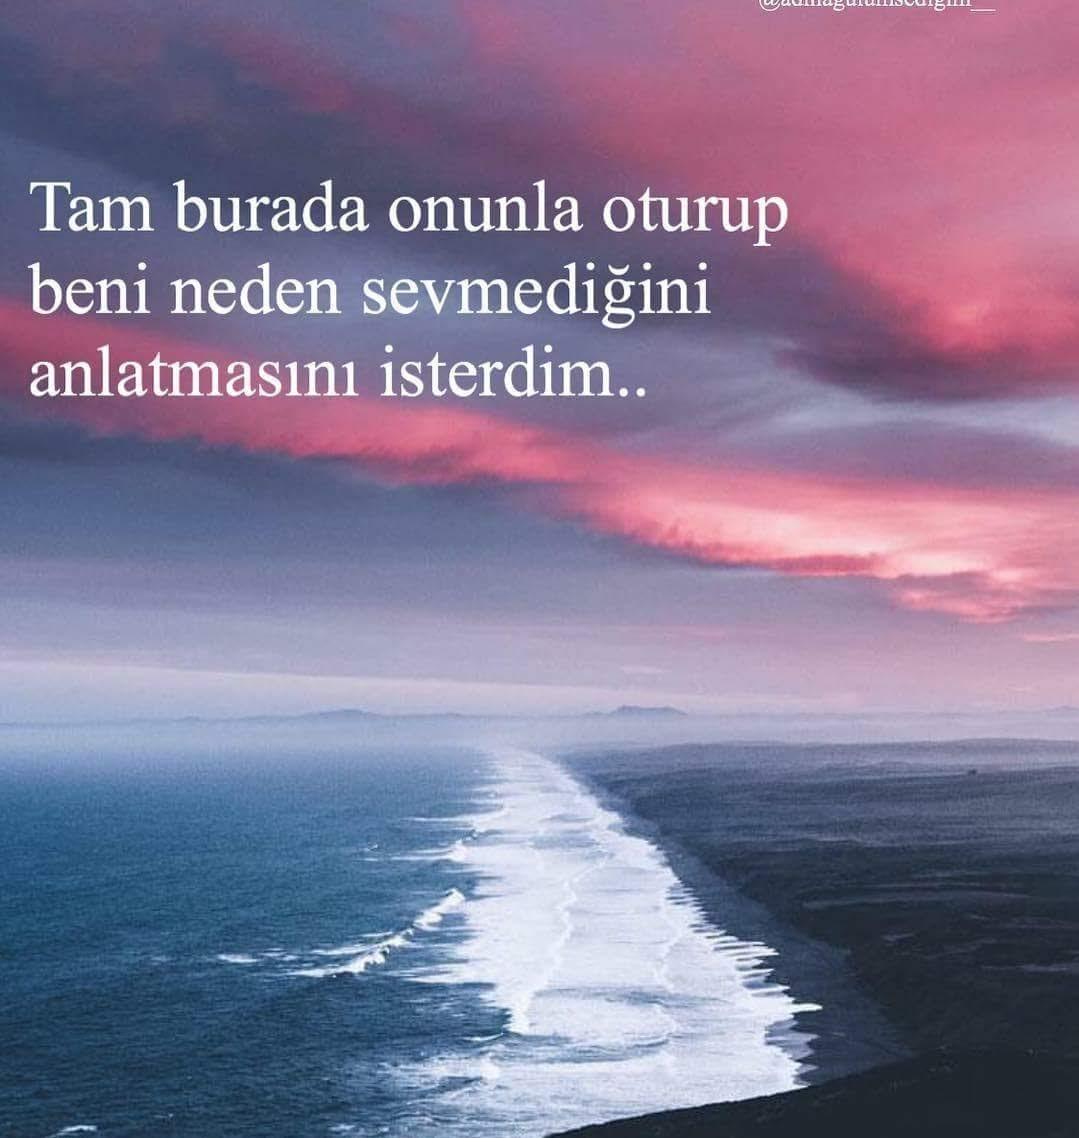 FB_IMG_1505117835454.jpg